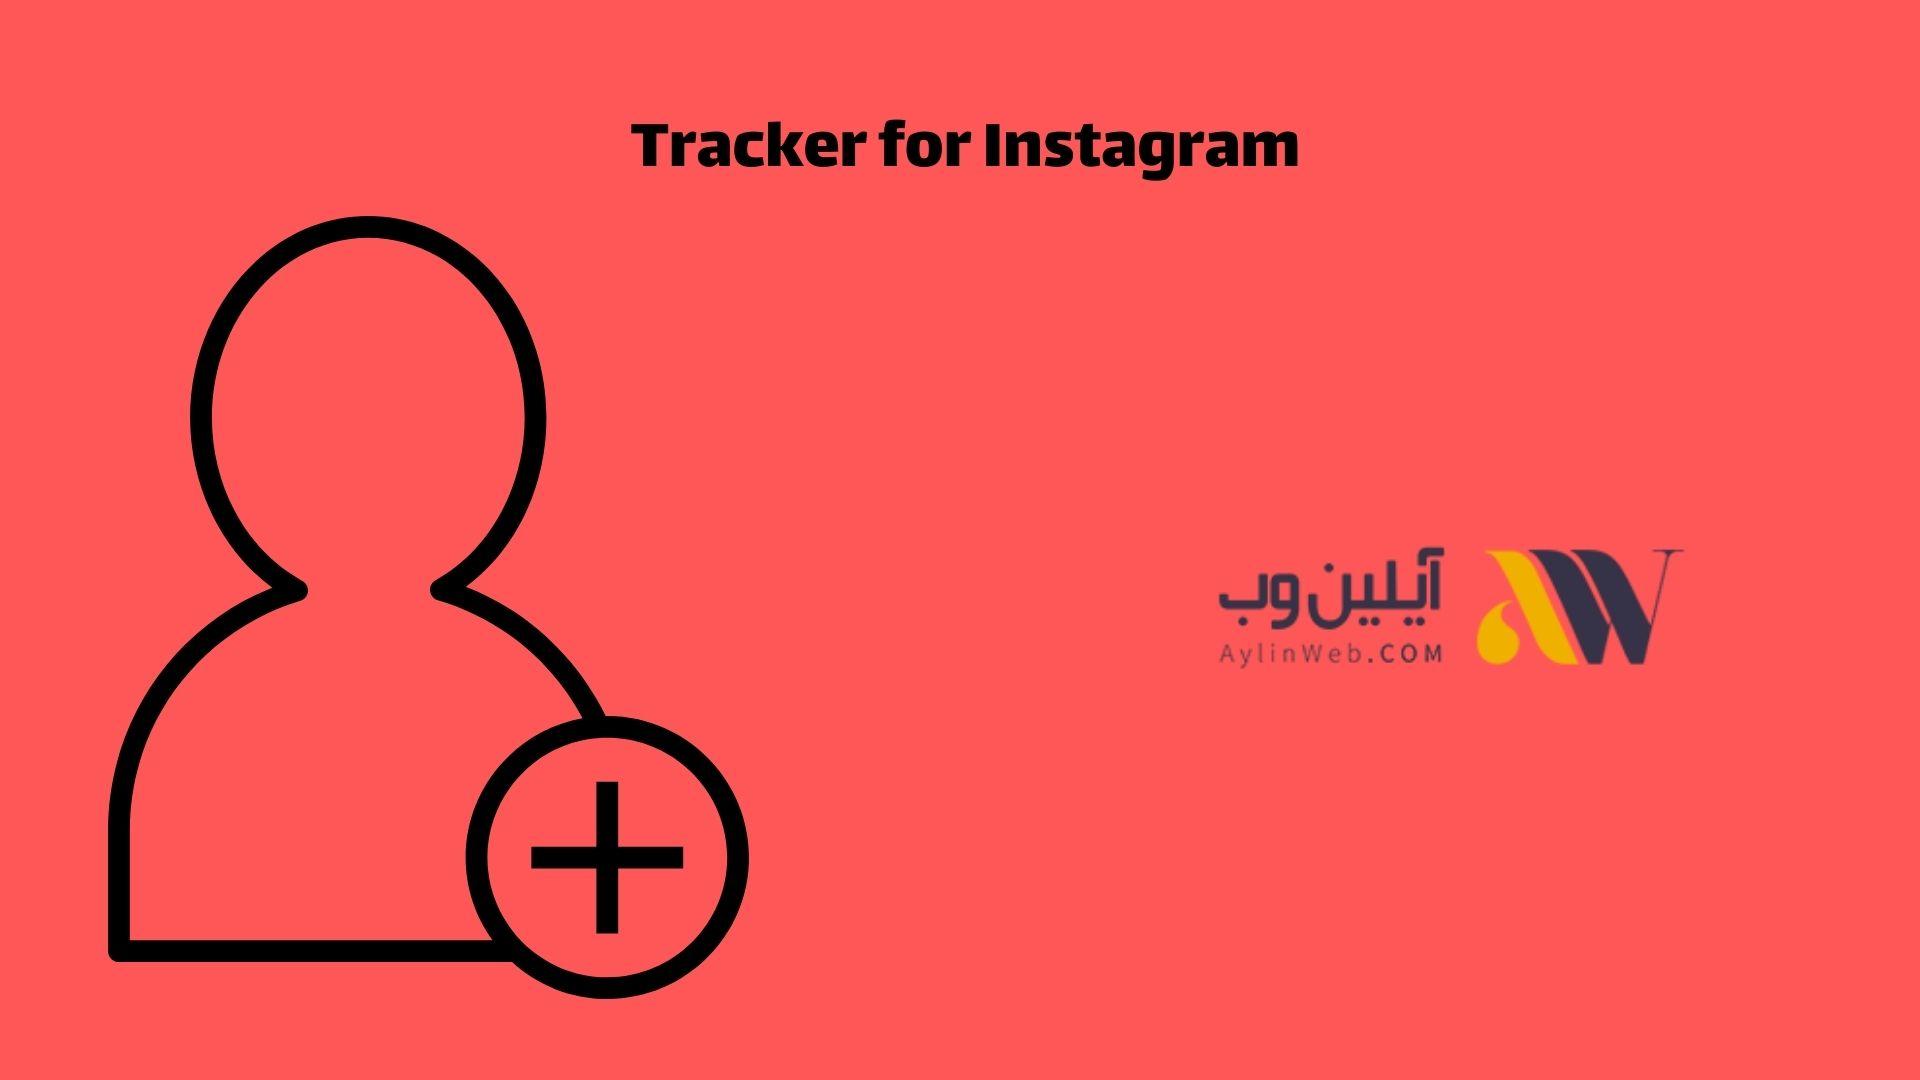 Tracker for Instagram